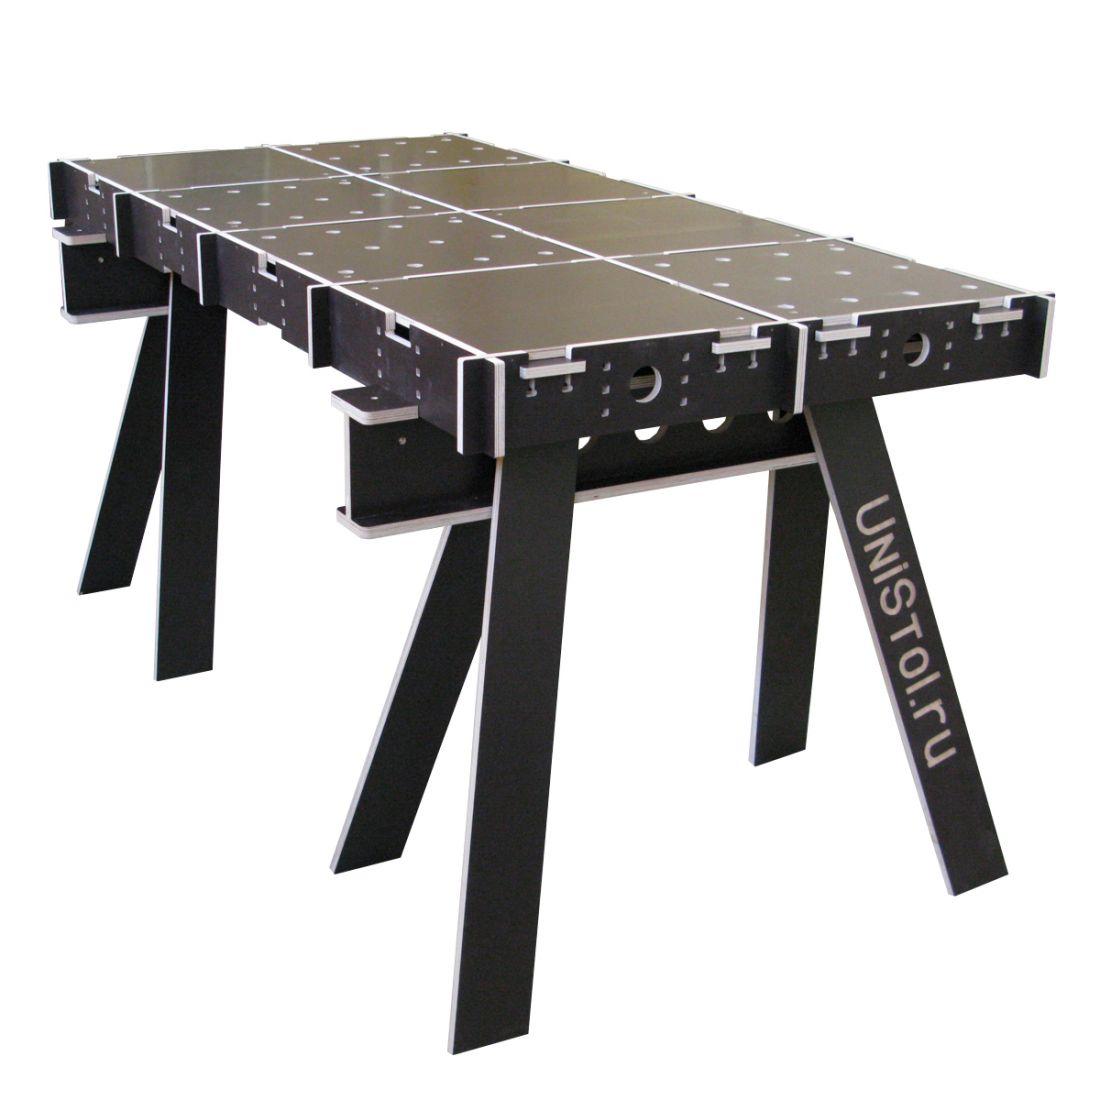 Ячеистый стол для раскроя листовых материалов 1600x800 мм со столешницей